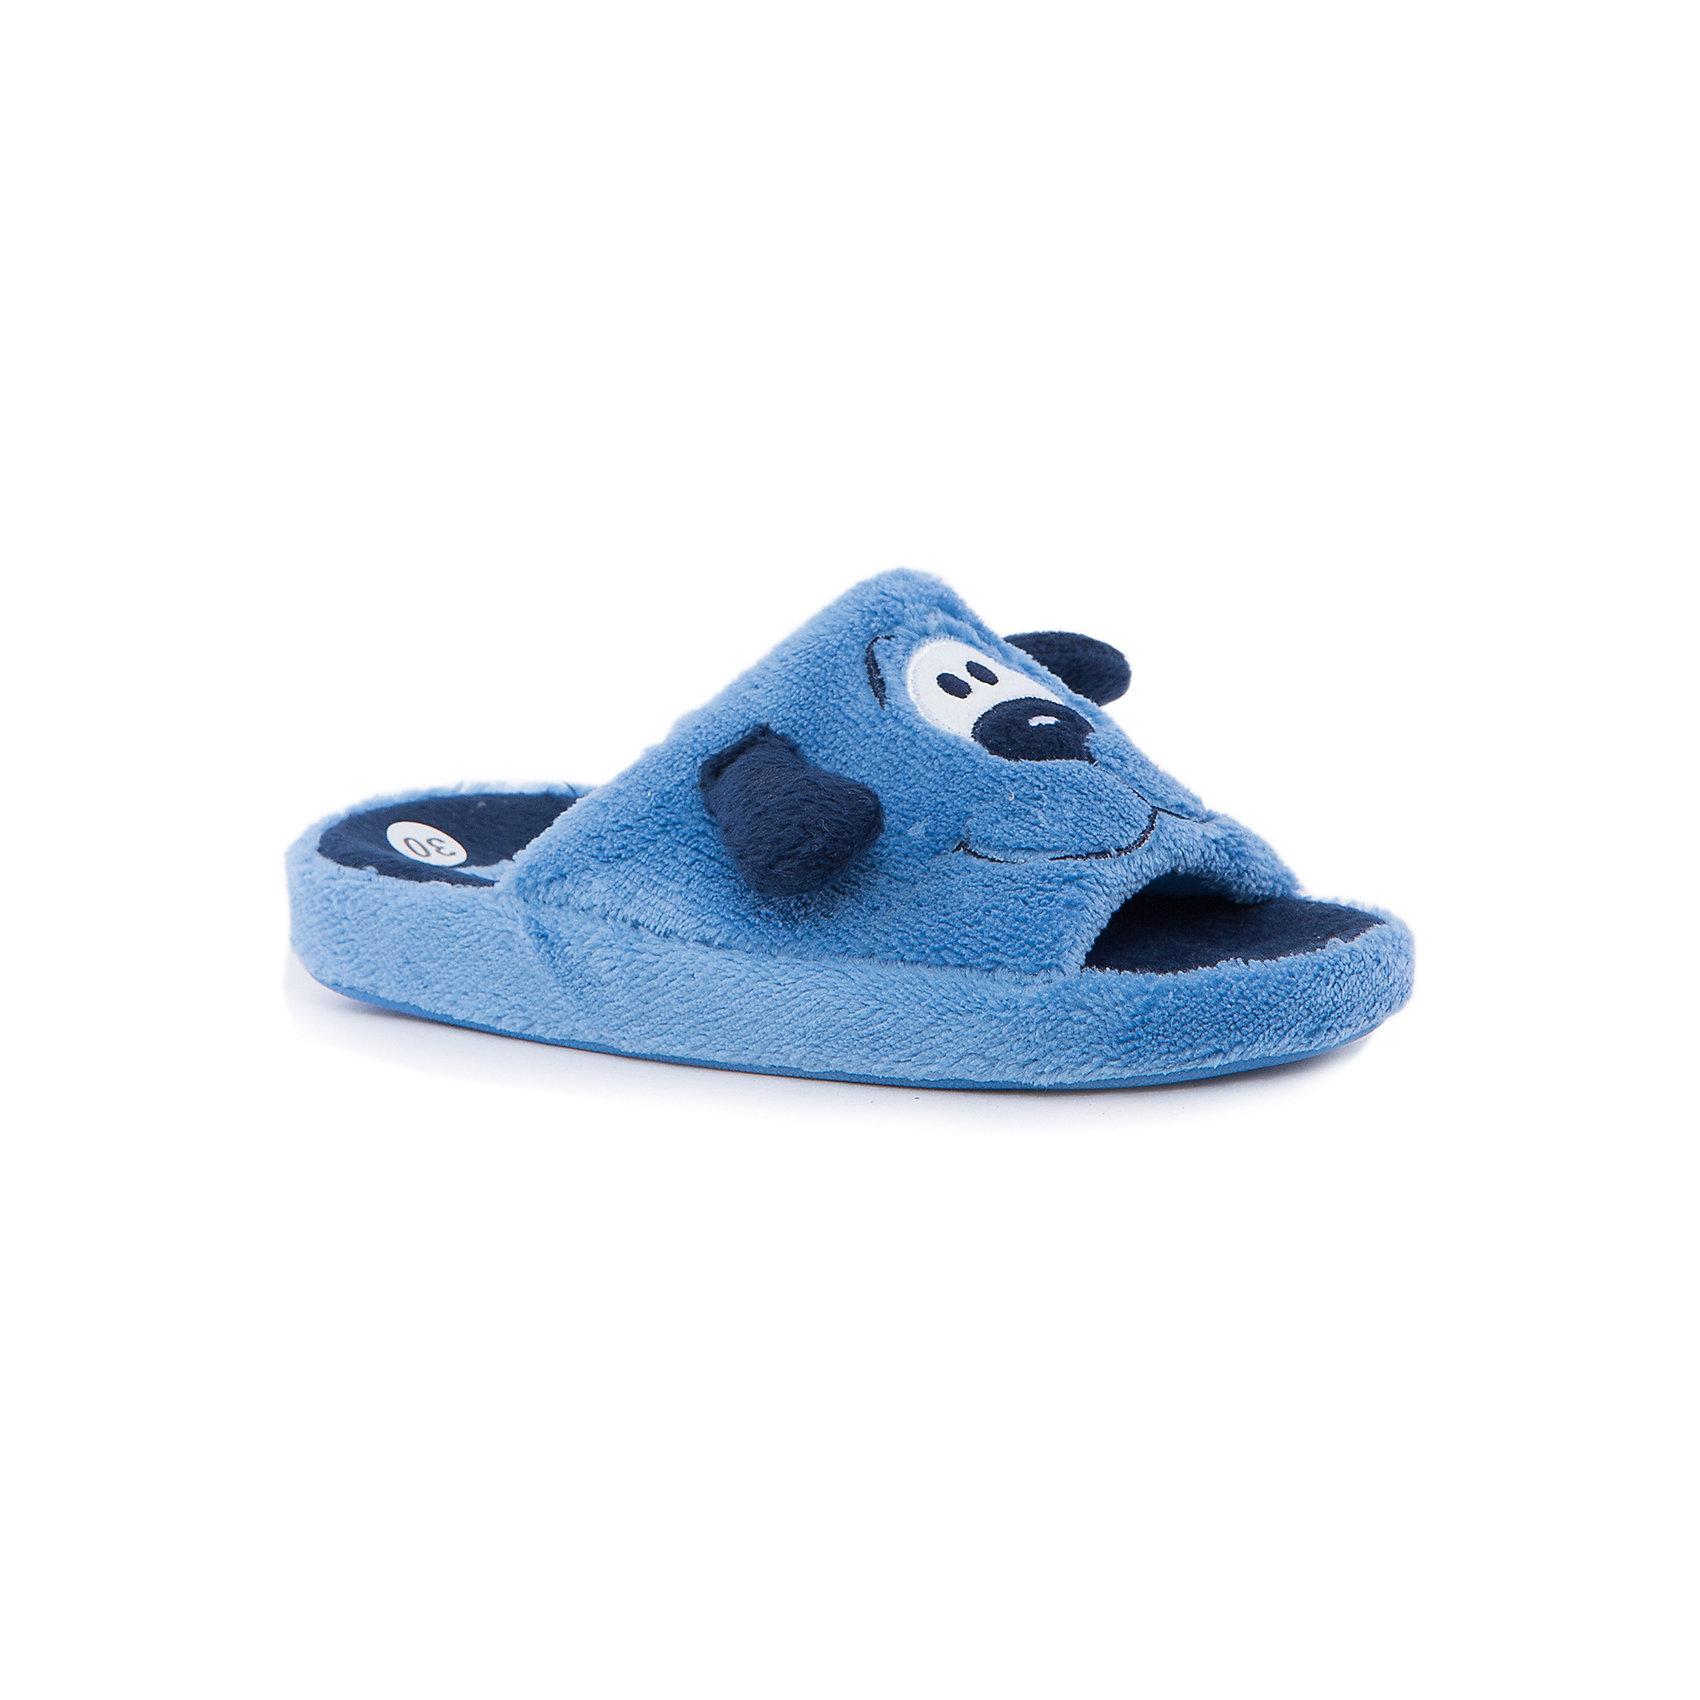 Тапки для мальчика КотофейКотофей – качественная и стильная детская обувь по доступным ценам. С каждым днем популярность бренда растет.  Обувь – отражение человека. Домашней обуви необходимо уделять такое же внимание, как и уличной. Тапочки выполнены в форме веселой собачки. Ушки прочно пришиты. Носок тапочек открыт. Такая домашняя обувь одновременно и согреет и будет стильным аксессуаром к любимой пижамке подходящего цвета.<br><br>Дополнительная информация:<br><br>цвет: цветной;<br>крепление: клеевое.<br><br>Состав:<br>верх – утепленный текстиль;<br>материал подклада – текстиль;<br>подошва – ТЭП.<br><br>Цветные тапочки для мальчика дошкольного возраста из текстиля от фирмы Котофей можно приобрести в нашем магазине.<br><br>Ширина мм: 219<br>Глубина мм: 158<br>Высота мм: 118<br>Вес г: 274<br>Цвет: разноцветный<br>Возраст от месяцев: 132<br>Возраст до месяцев: 144<br>Пол: Мужской<br>Возраст: Детский<br>Размер: 35,34,31,30,33,32<br>SKU: 4982071